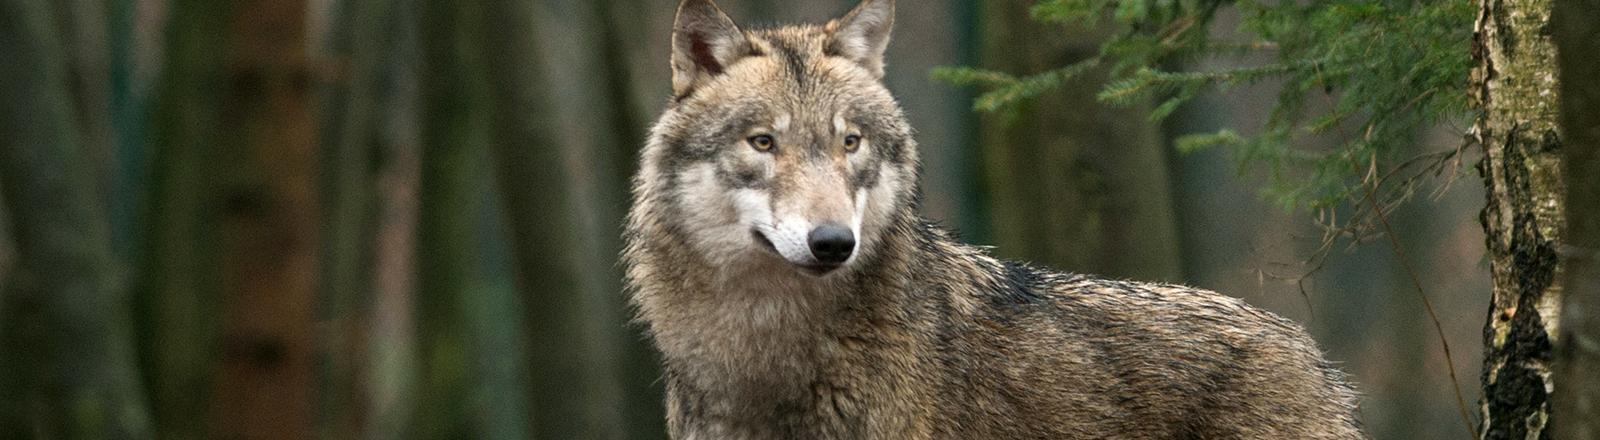 Ein Wolf steht im Wald.